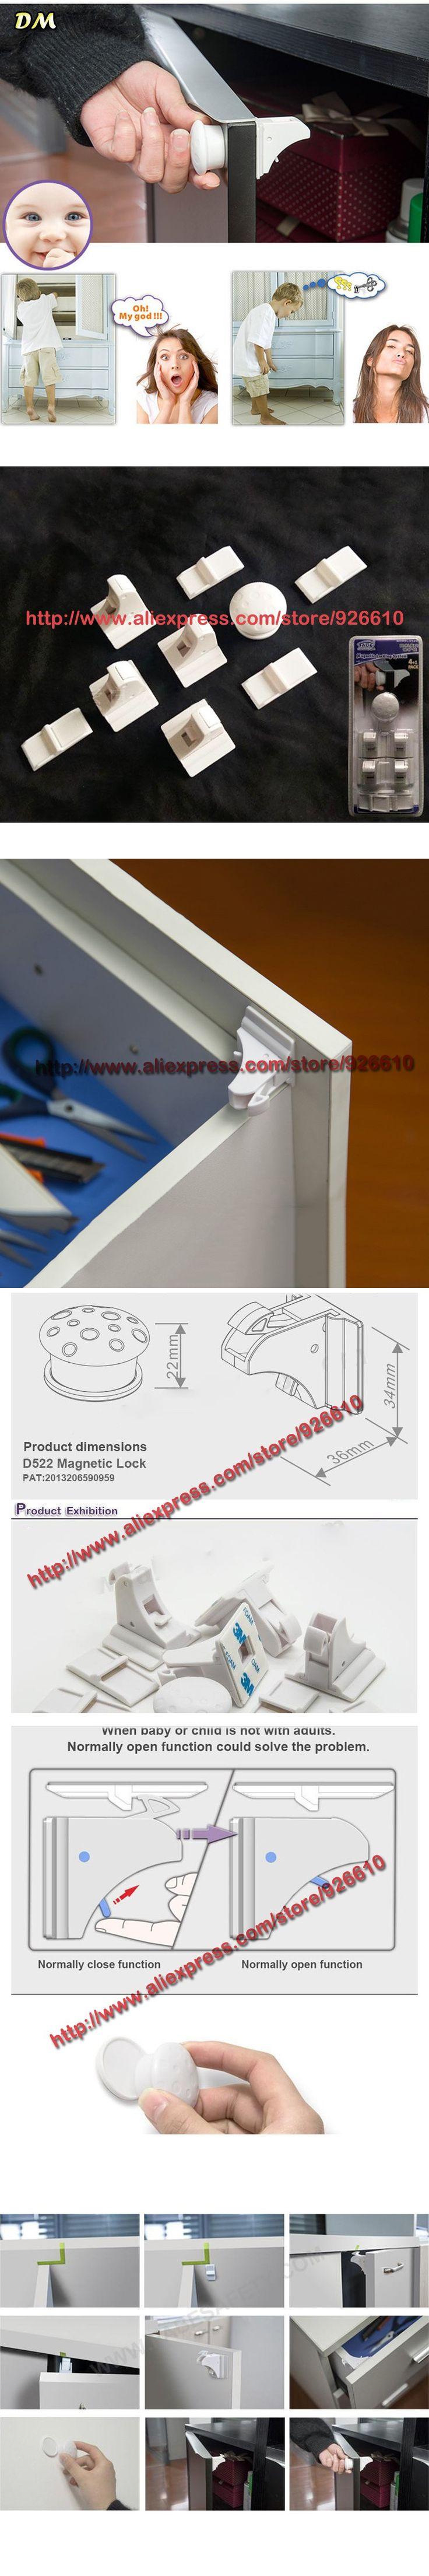 10sets/lot magnetic locking system Magnetic Tot Lok Complete Set baby child kids safety magnetic lock (1key+4 locks)/set $116